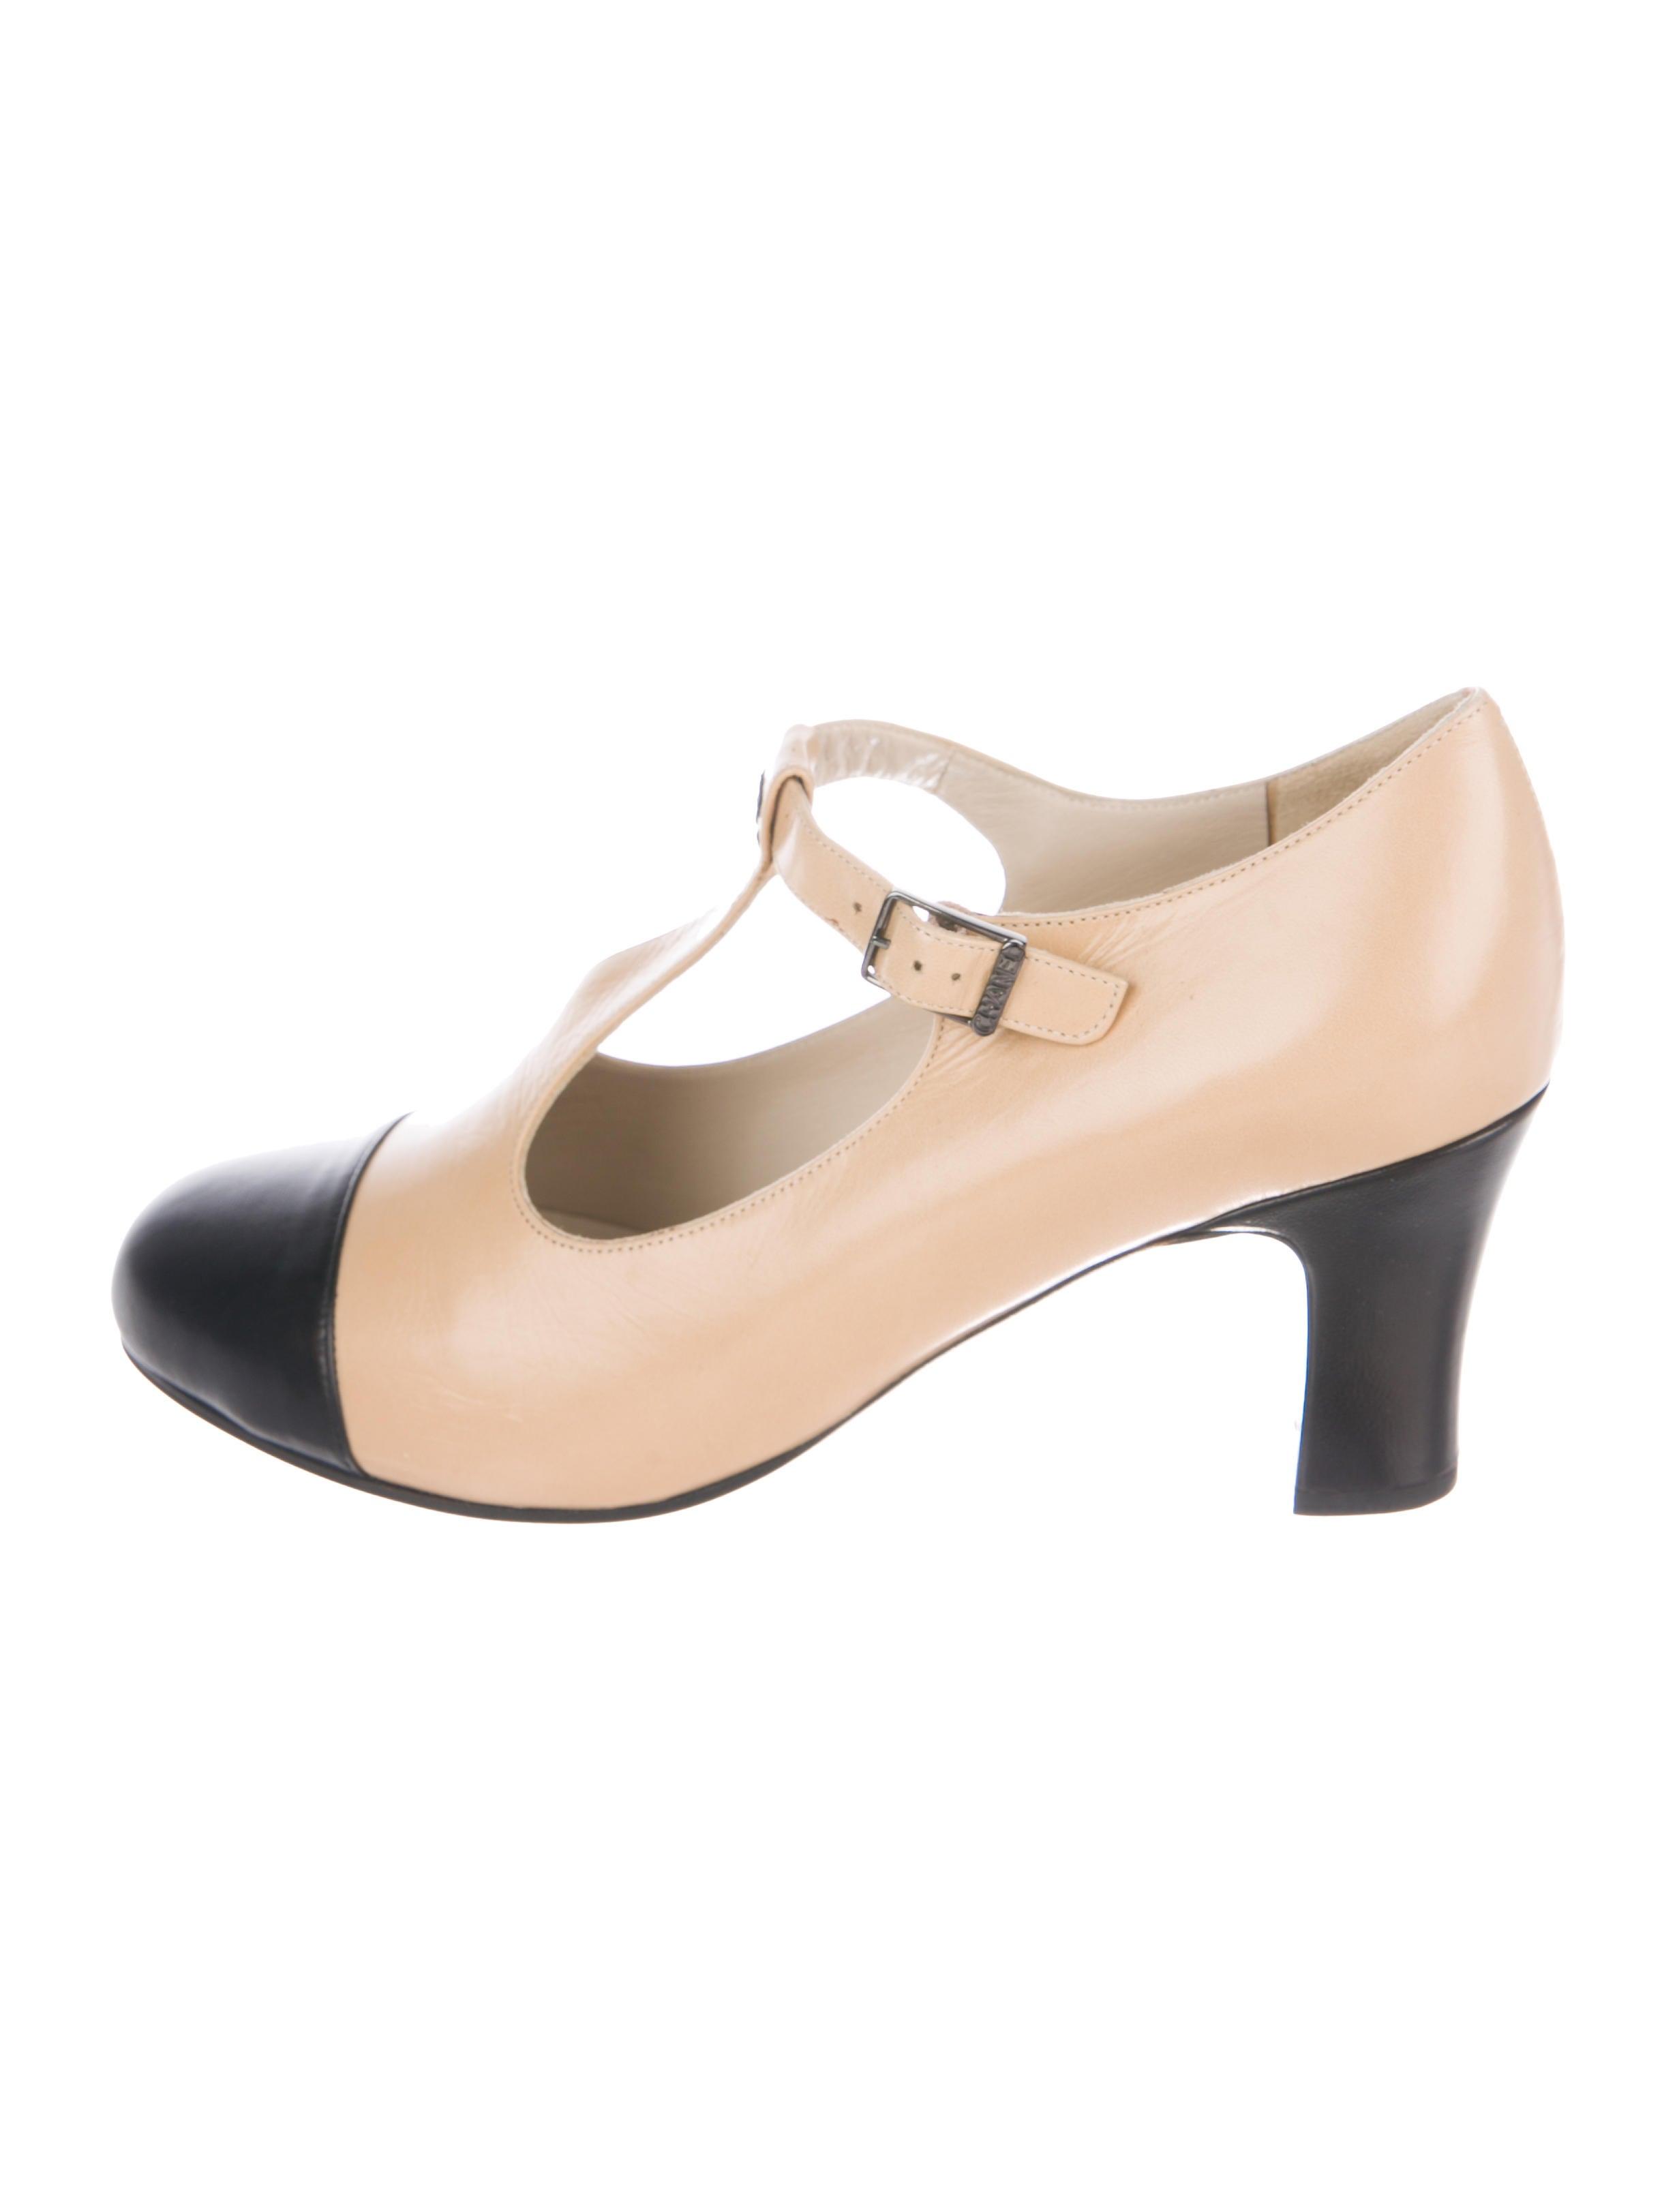 e9a147b8aff3 Chanel Shoes